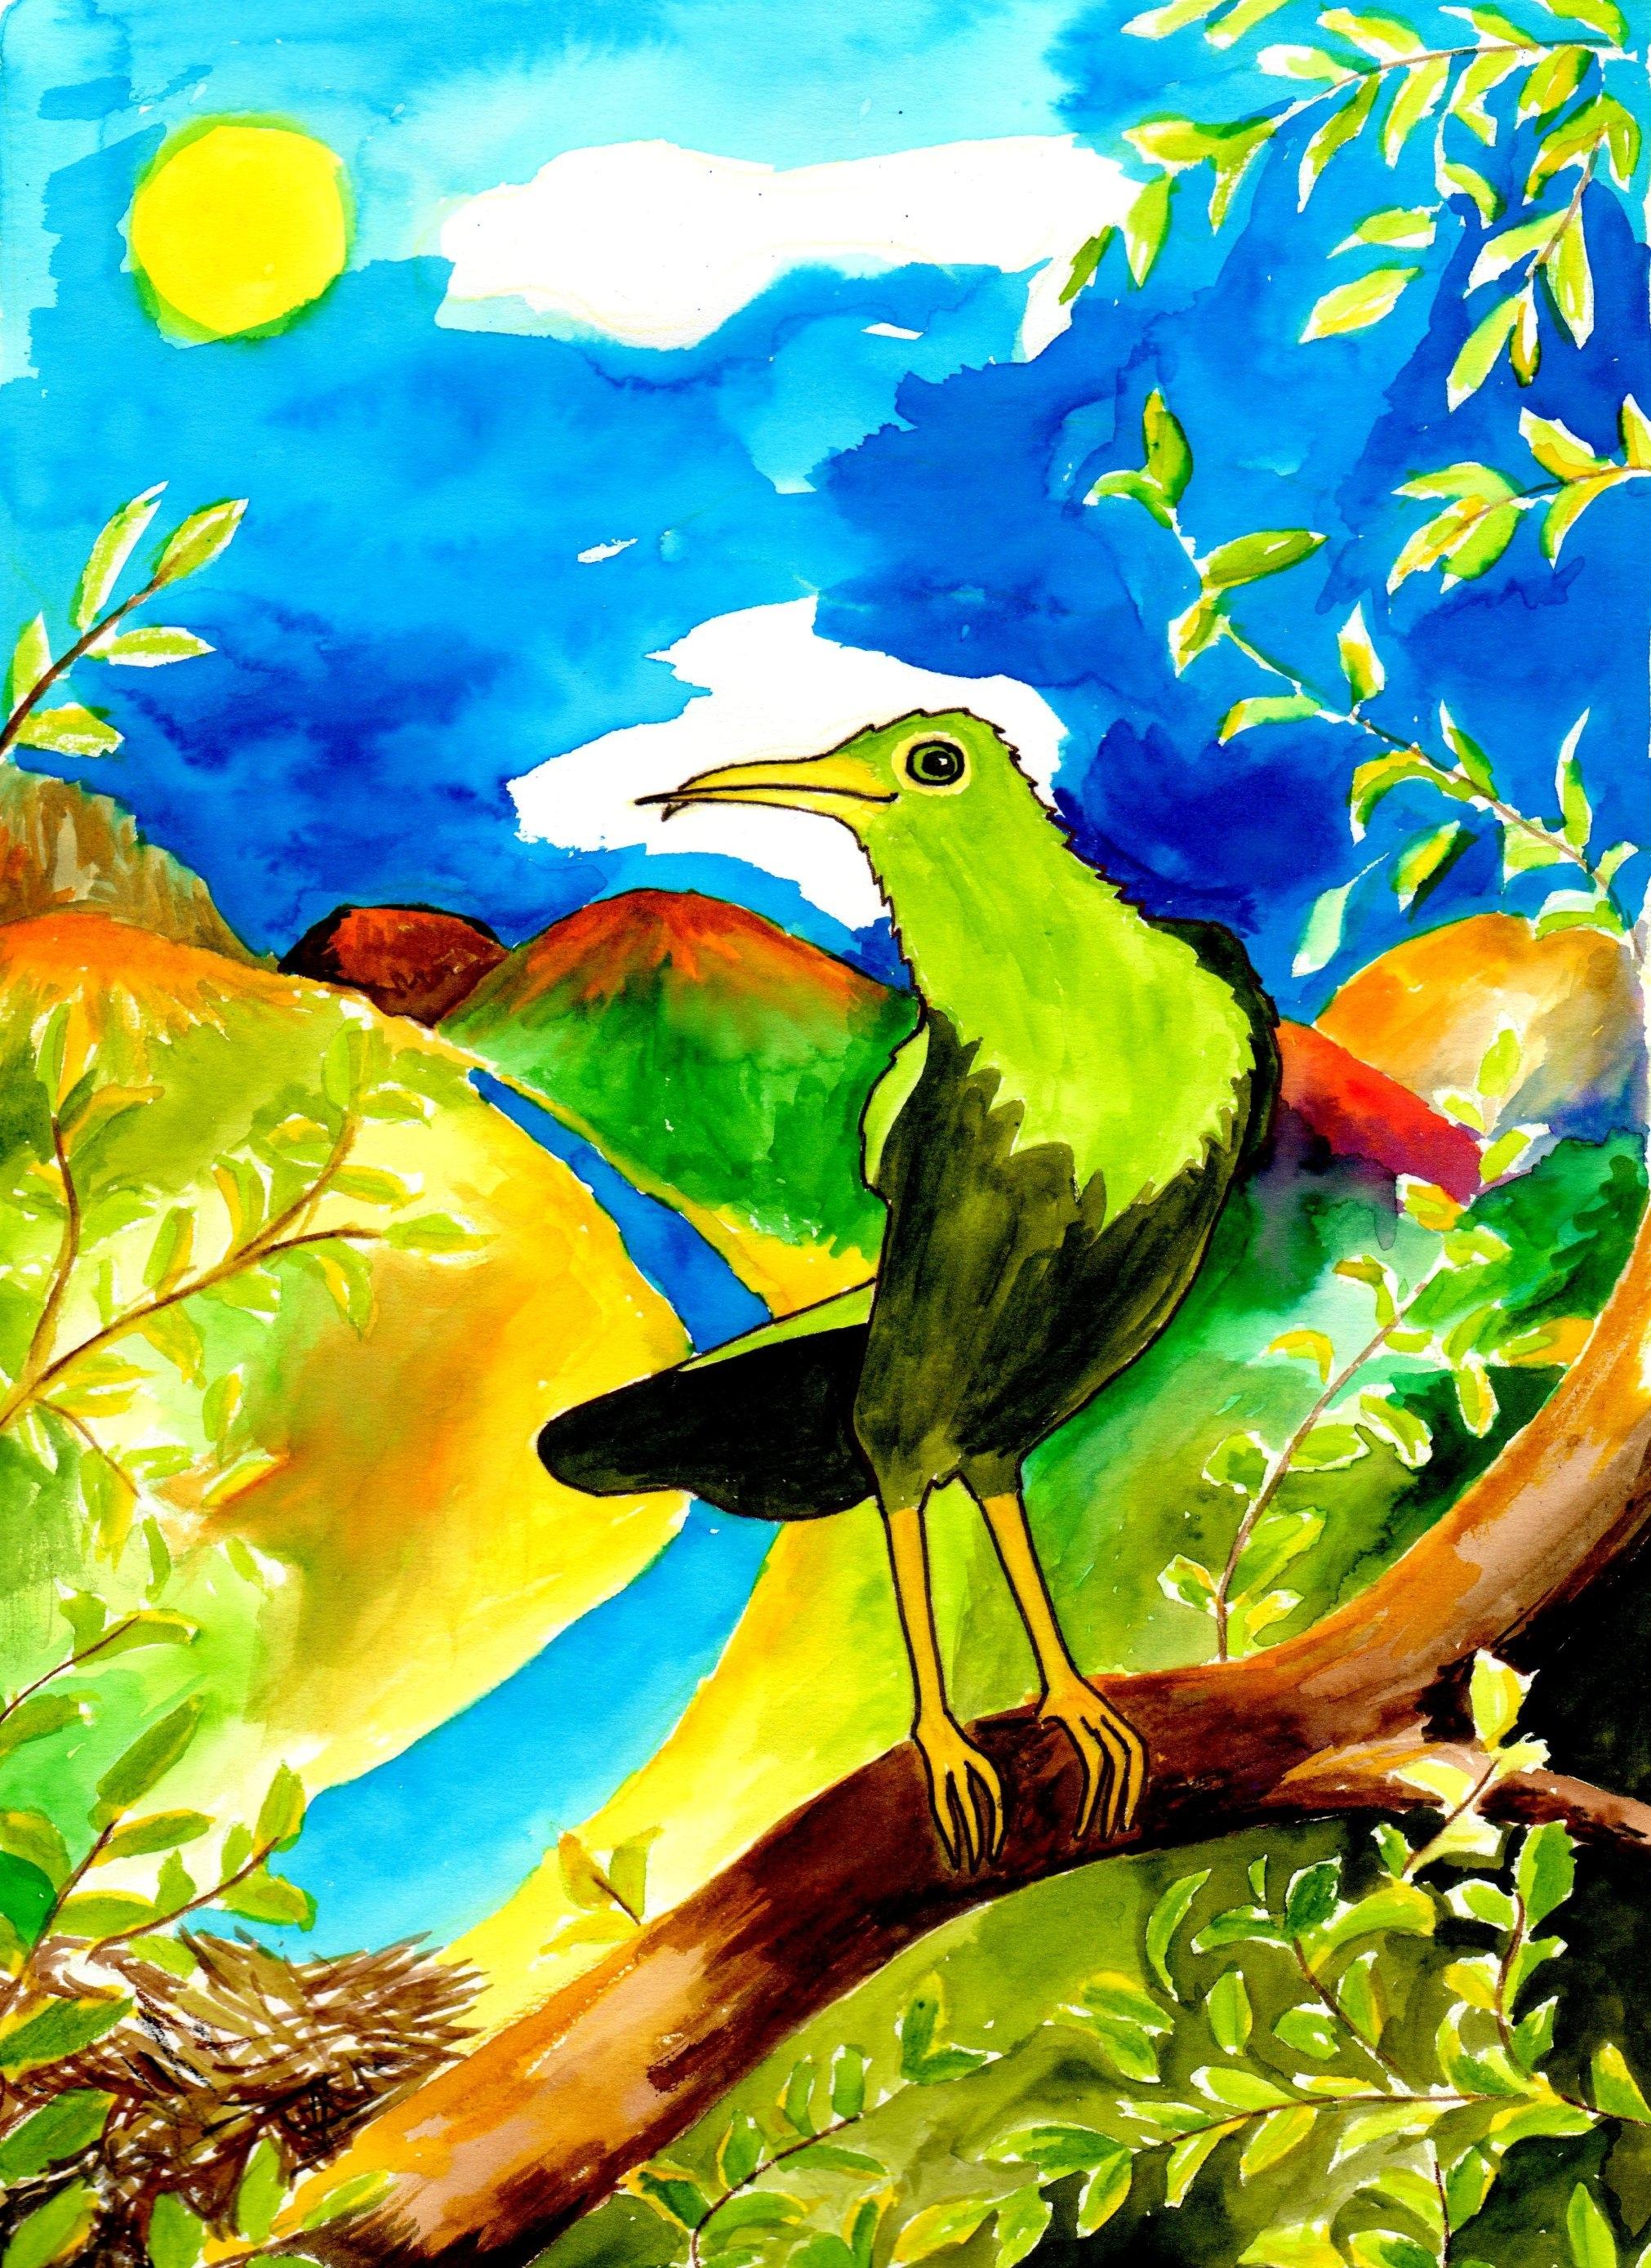 100 Gambar Lukisan Flora Fauna Kekinian